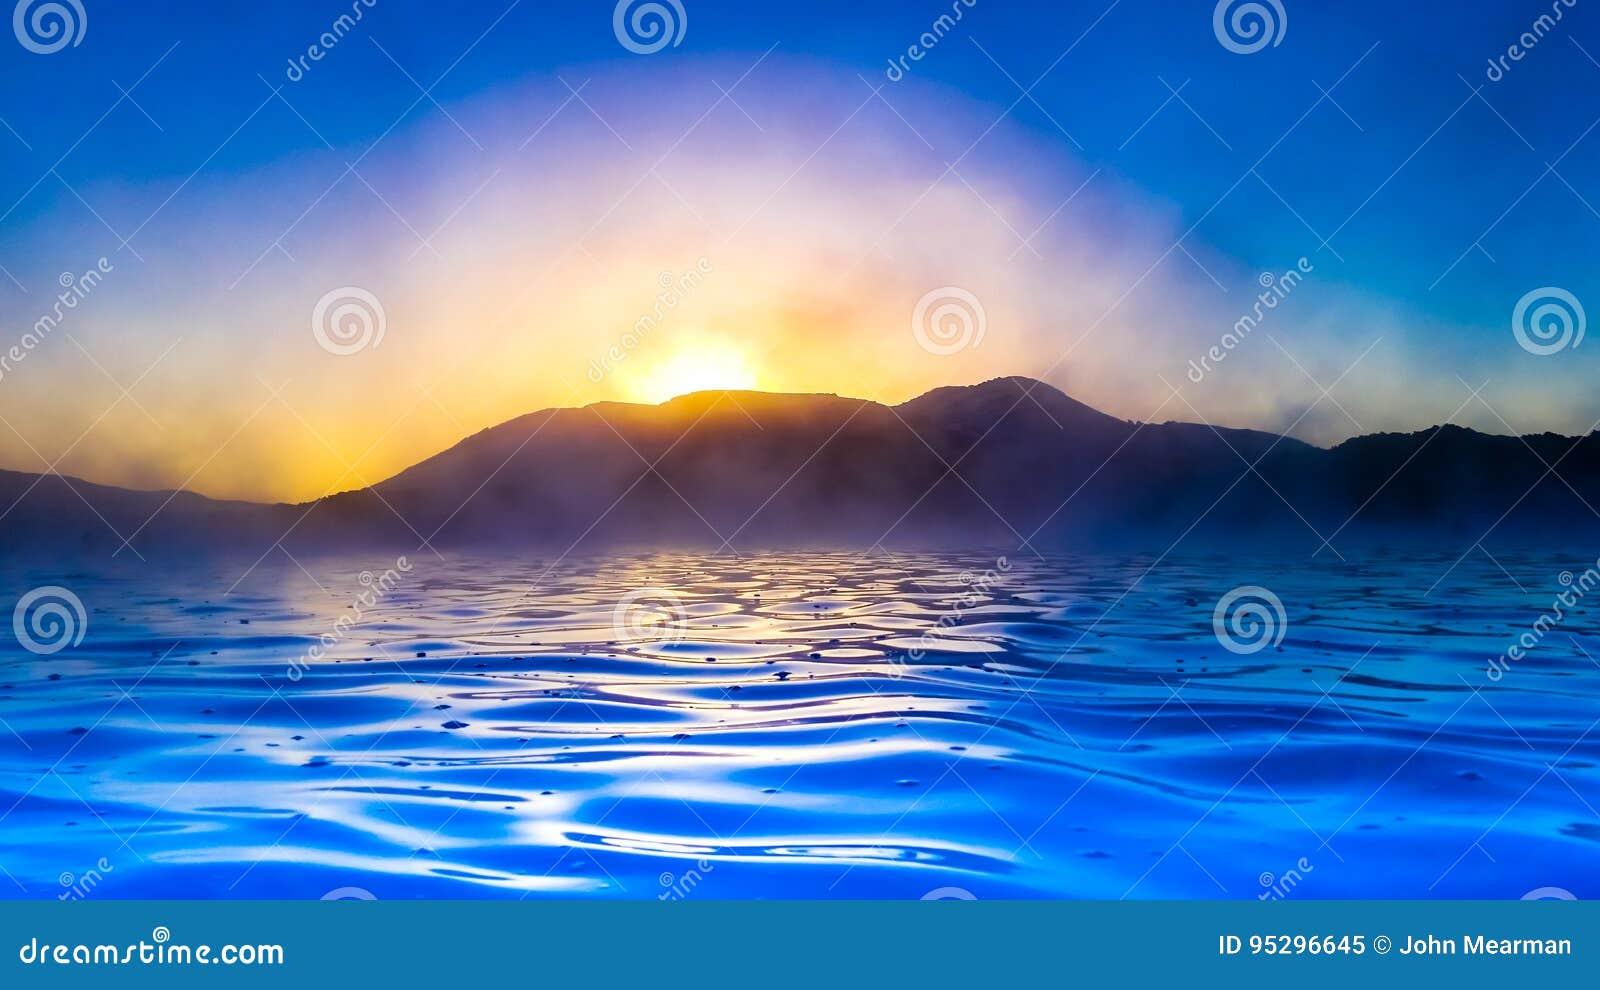 Inky Seascape